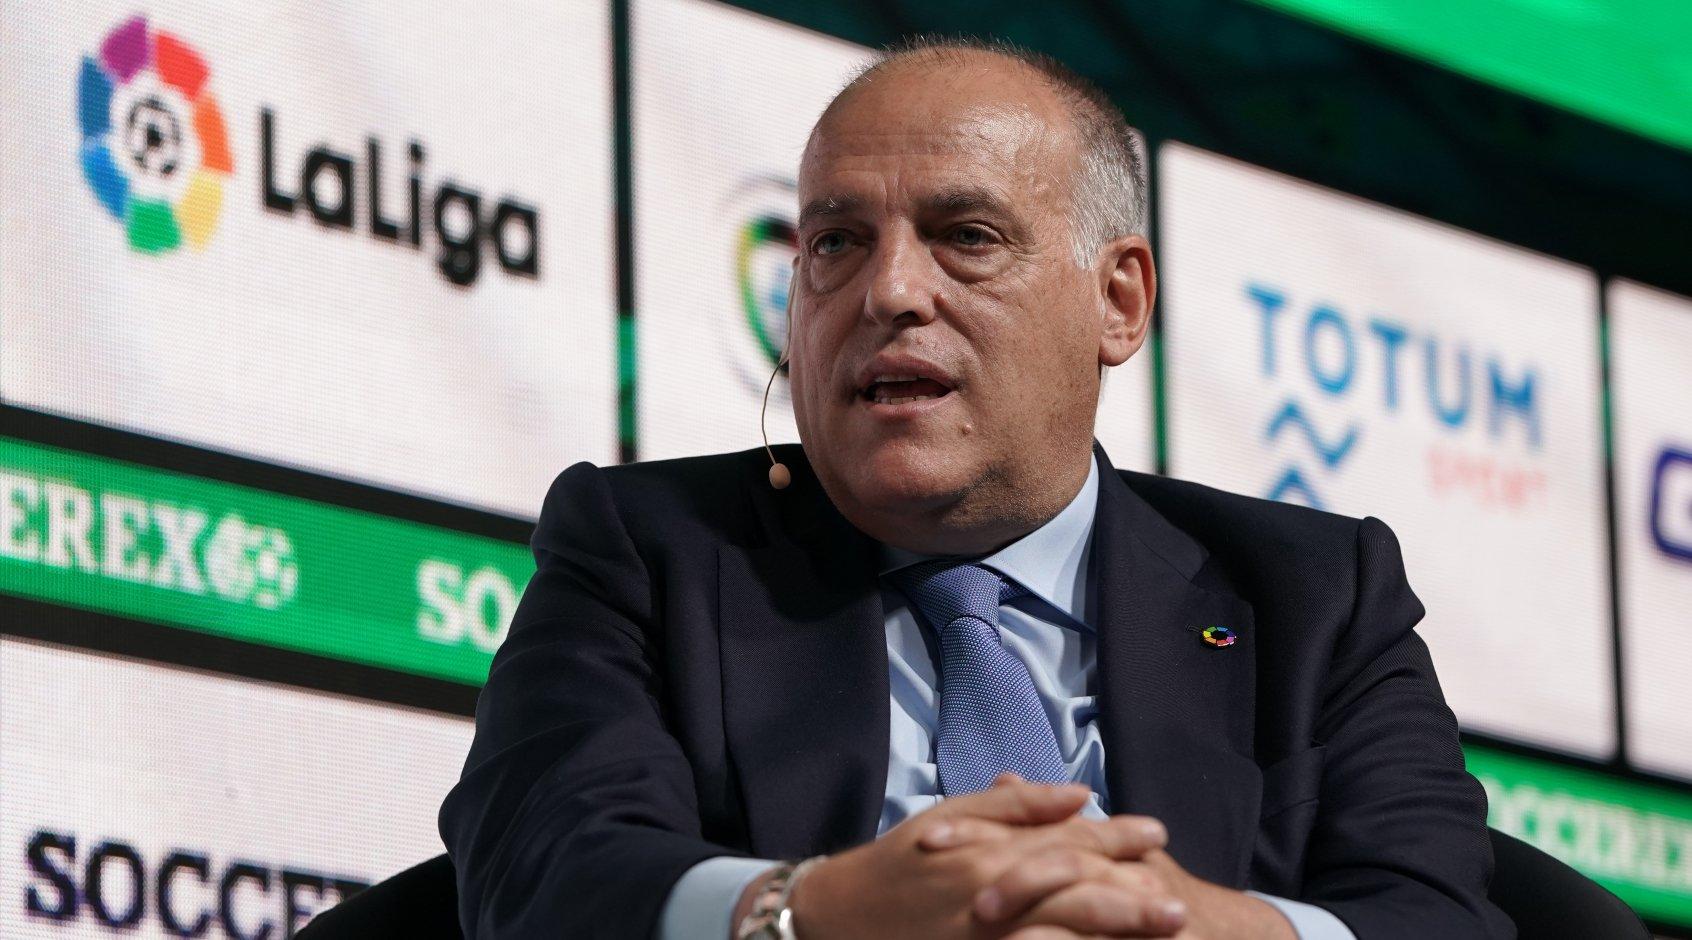 """Хавьер Тебас: """"Убытки Ла Лиги составят 700 миллионов евро, если не доиграть оставшиеся матчи"""""""